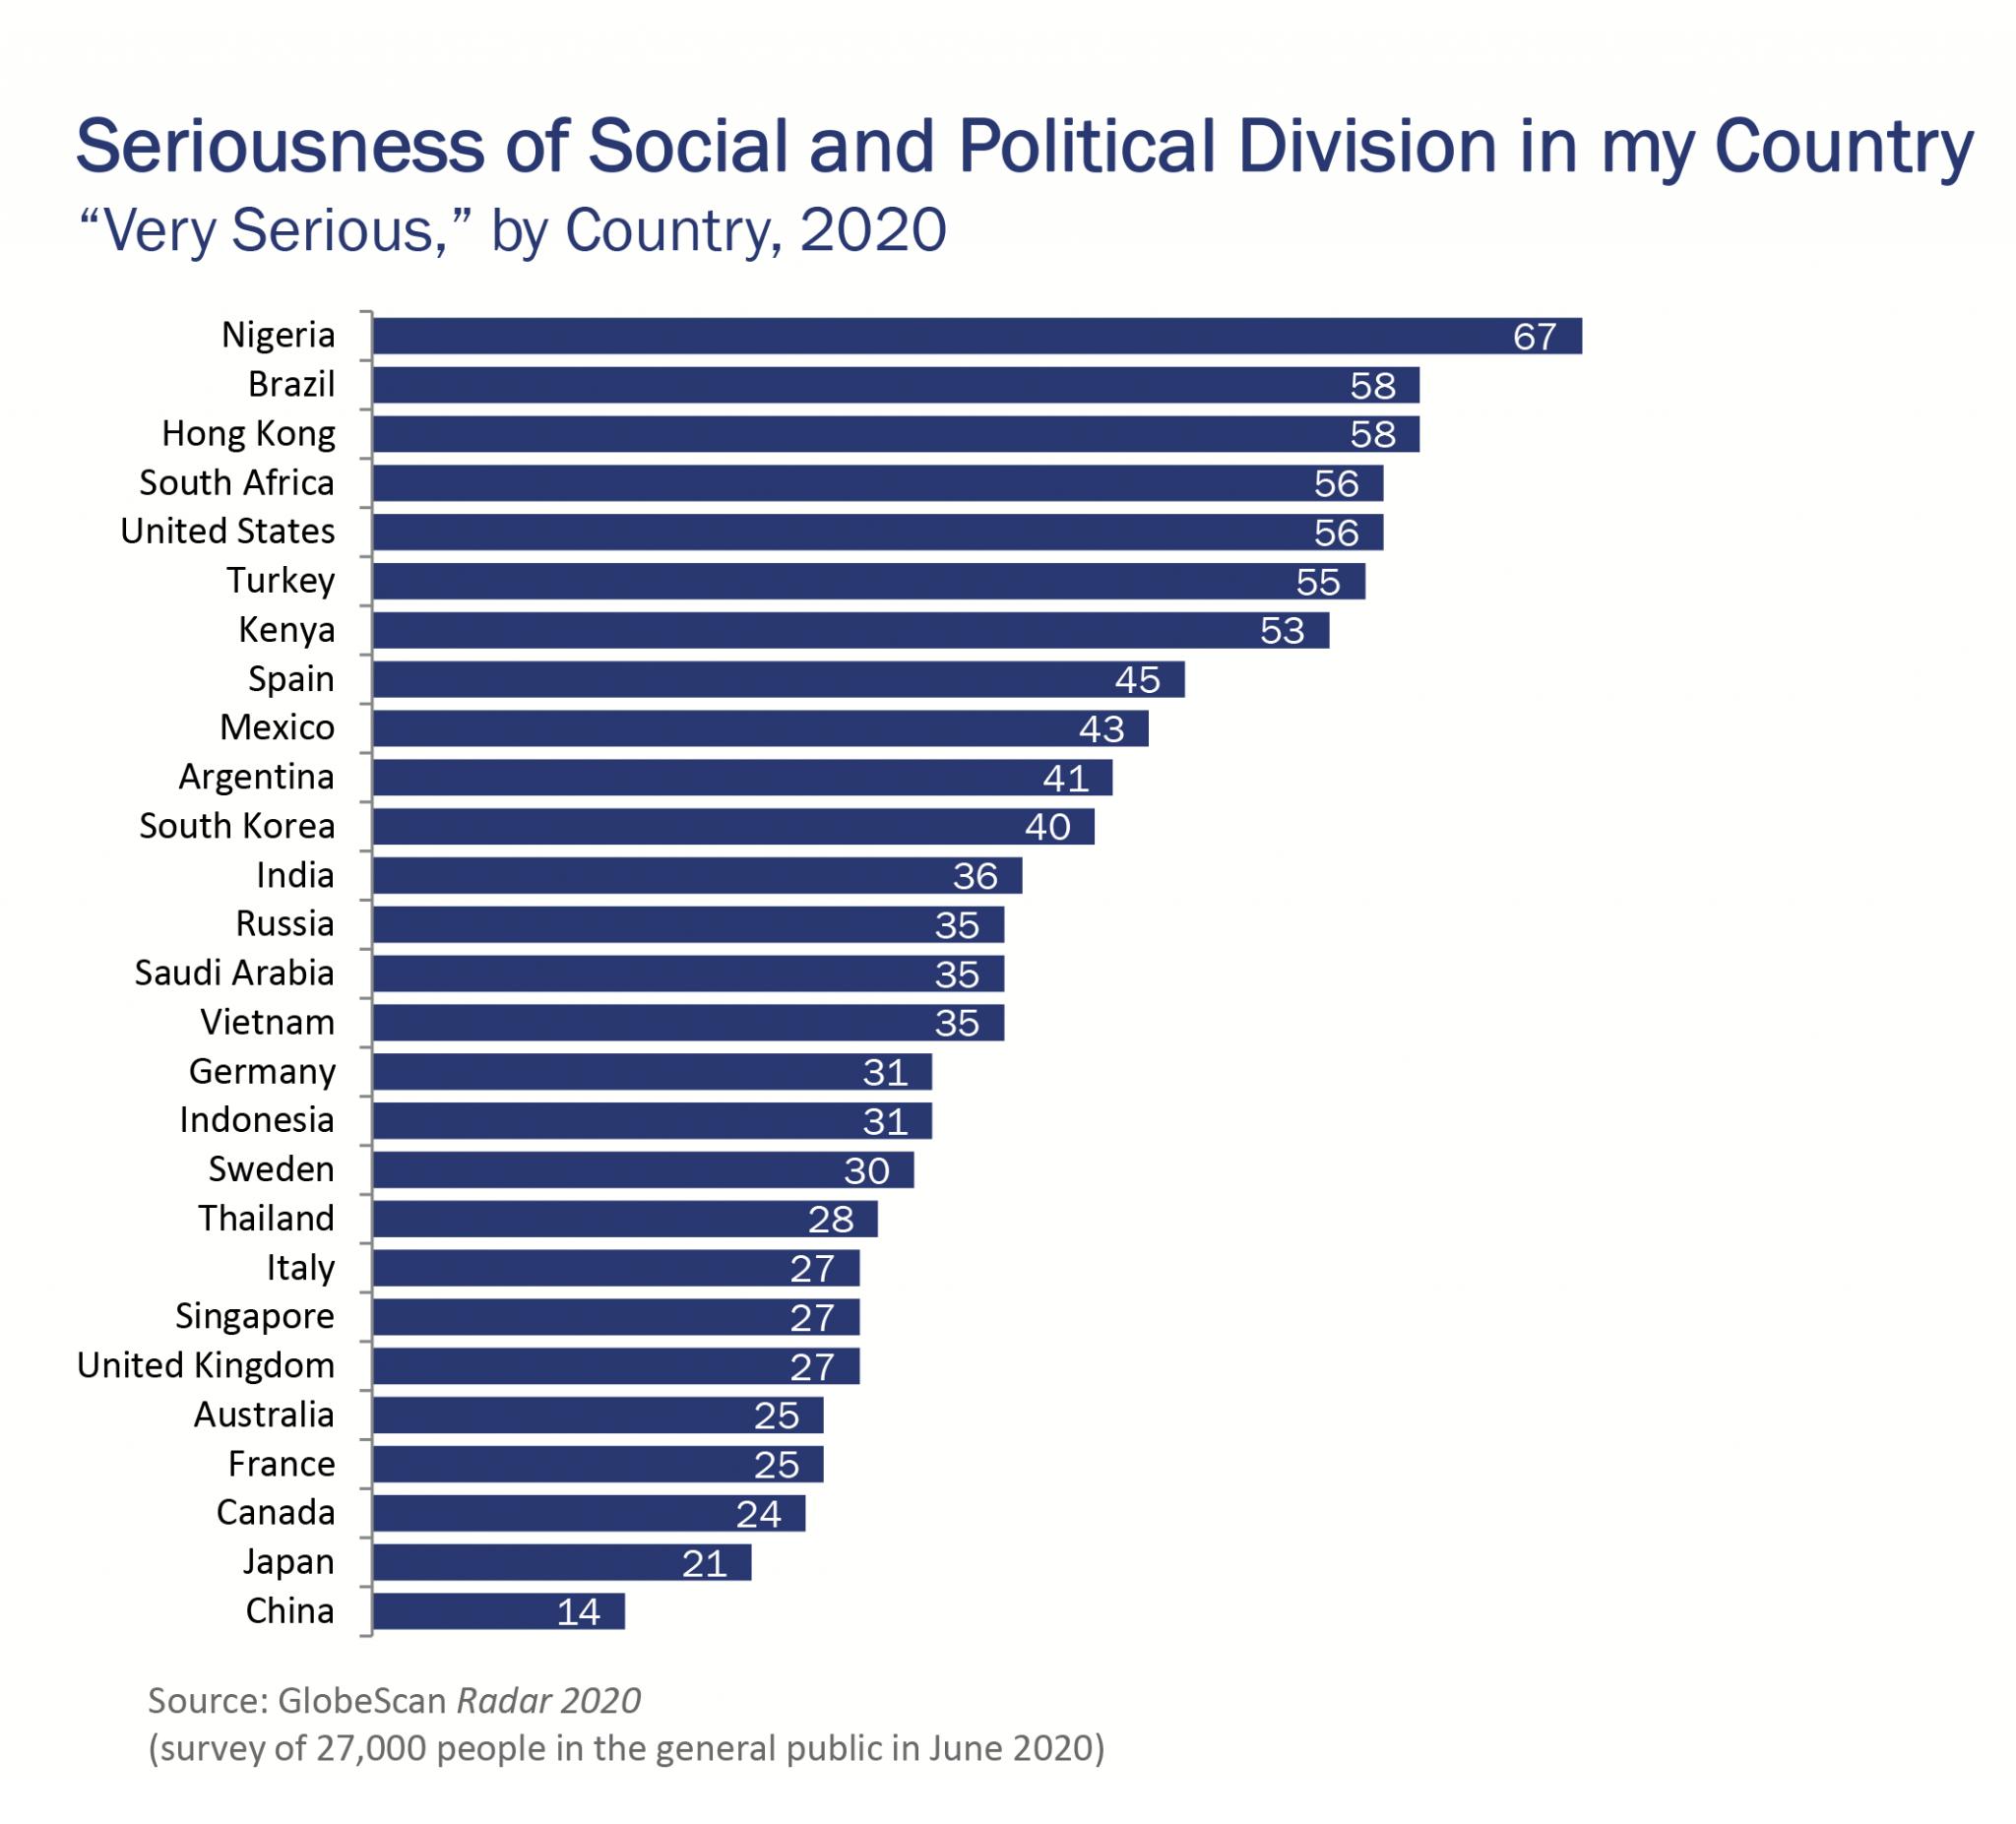 【国際】米国以外でも進む「政治・社会的分断」。ナイジェリア、ブラジル、南アフリカ等でも 2